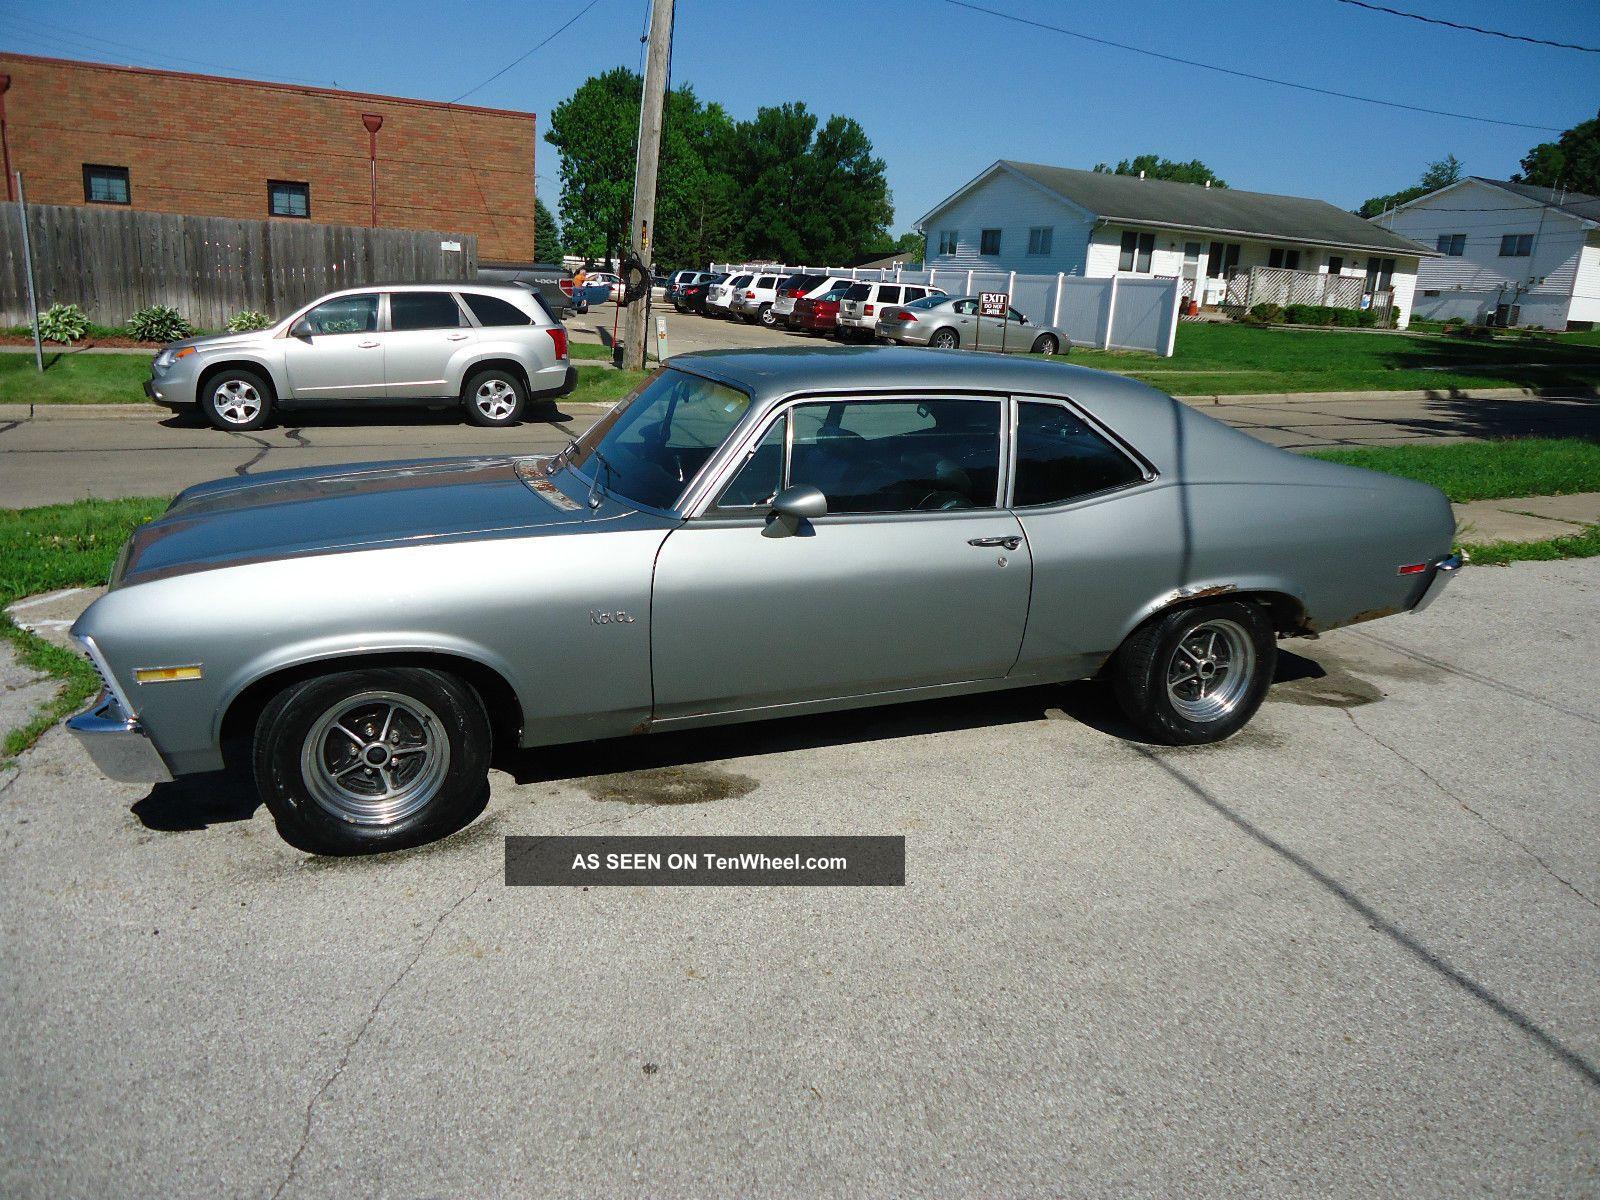 1971 Chevy Nova Nova photo